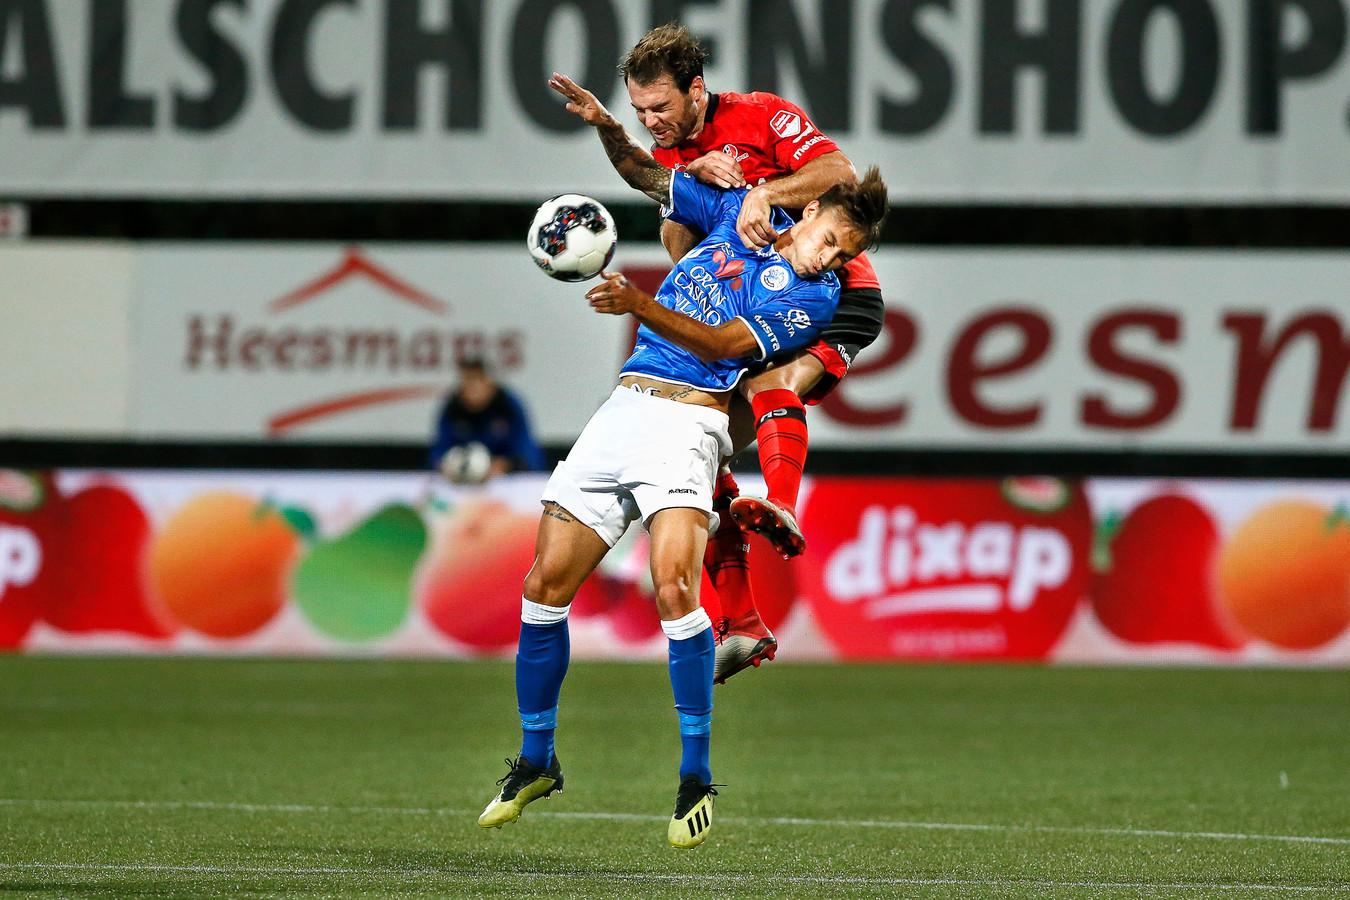 Helmond Sport-middenvelder Kjell Knops en zijn ploeggenoten hadden voor rust hun handen vol aan de aanvallers en middenvelders - zoals Stefano Beltrame- van FC Den Bosch.